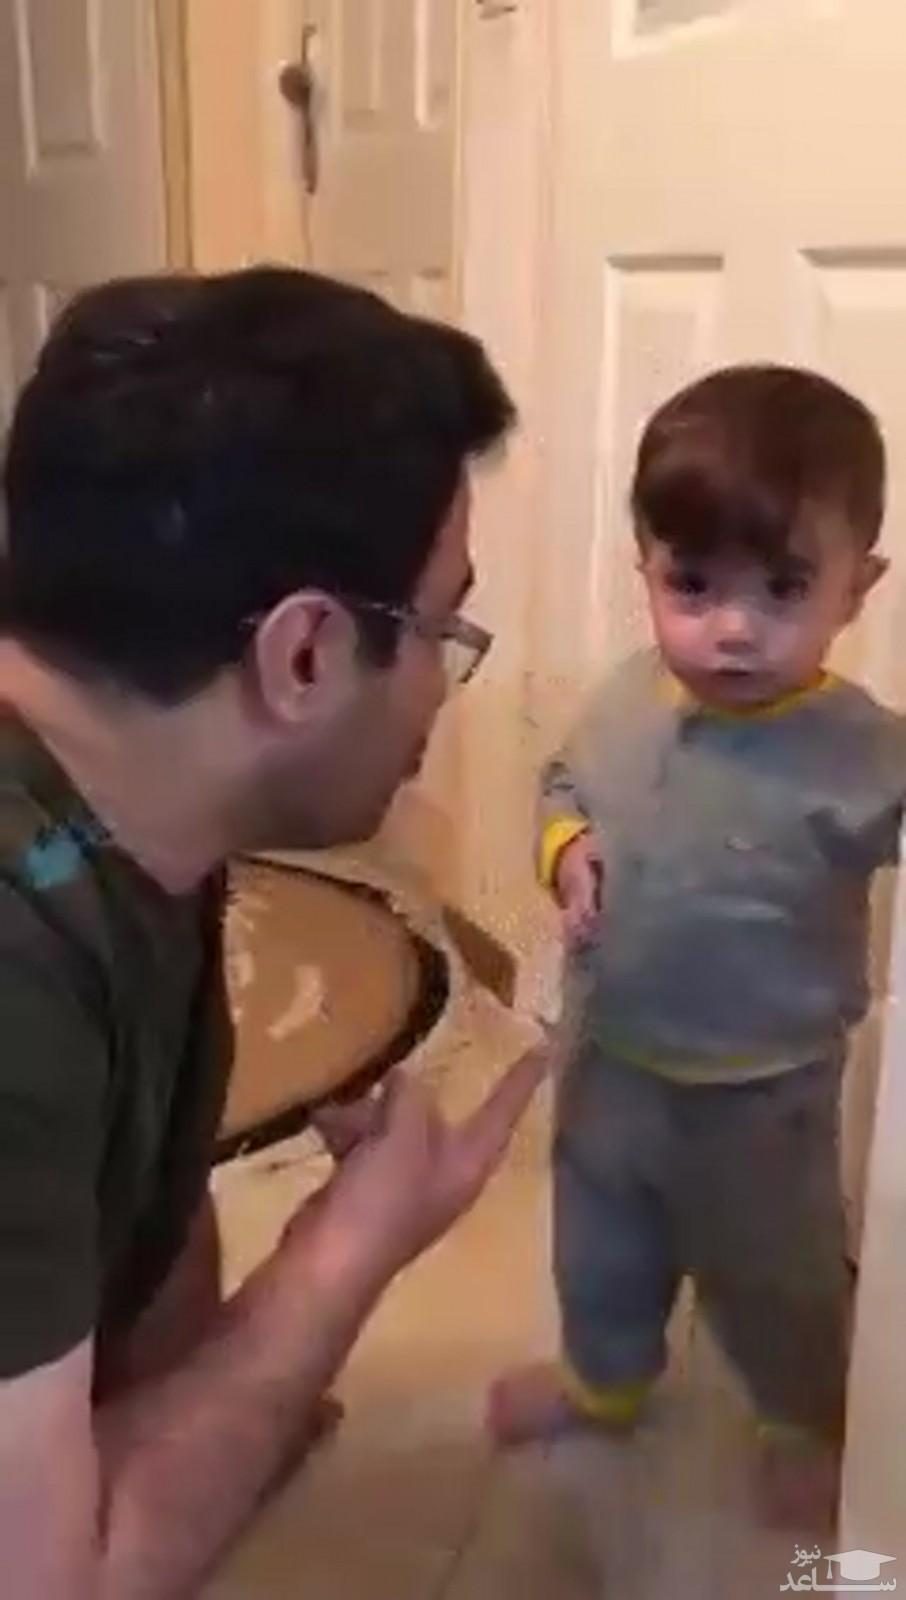 ویدئوی پربازدید از دست و پا شکسته حرف زدن یک کودک!